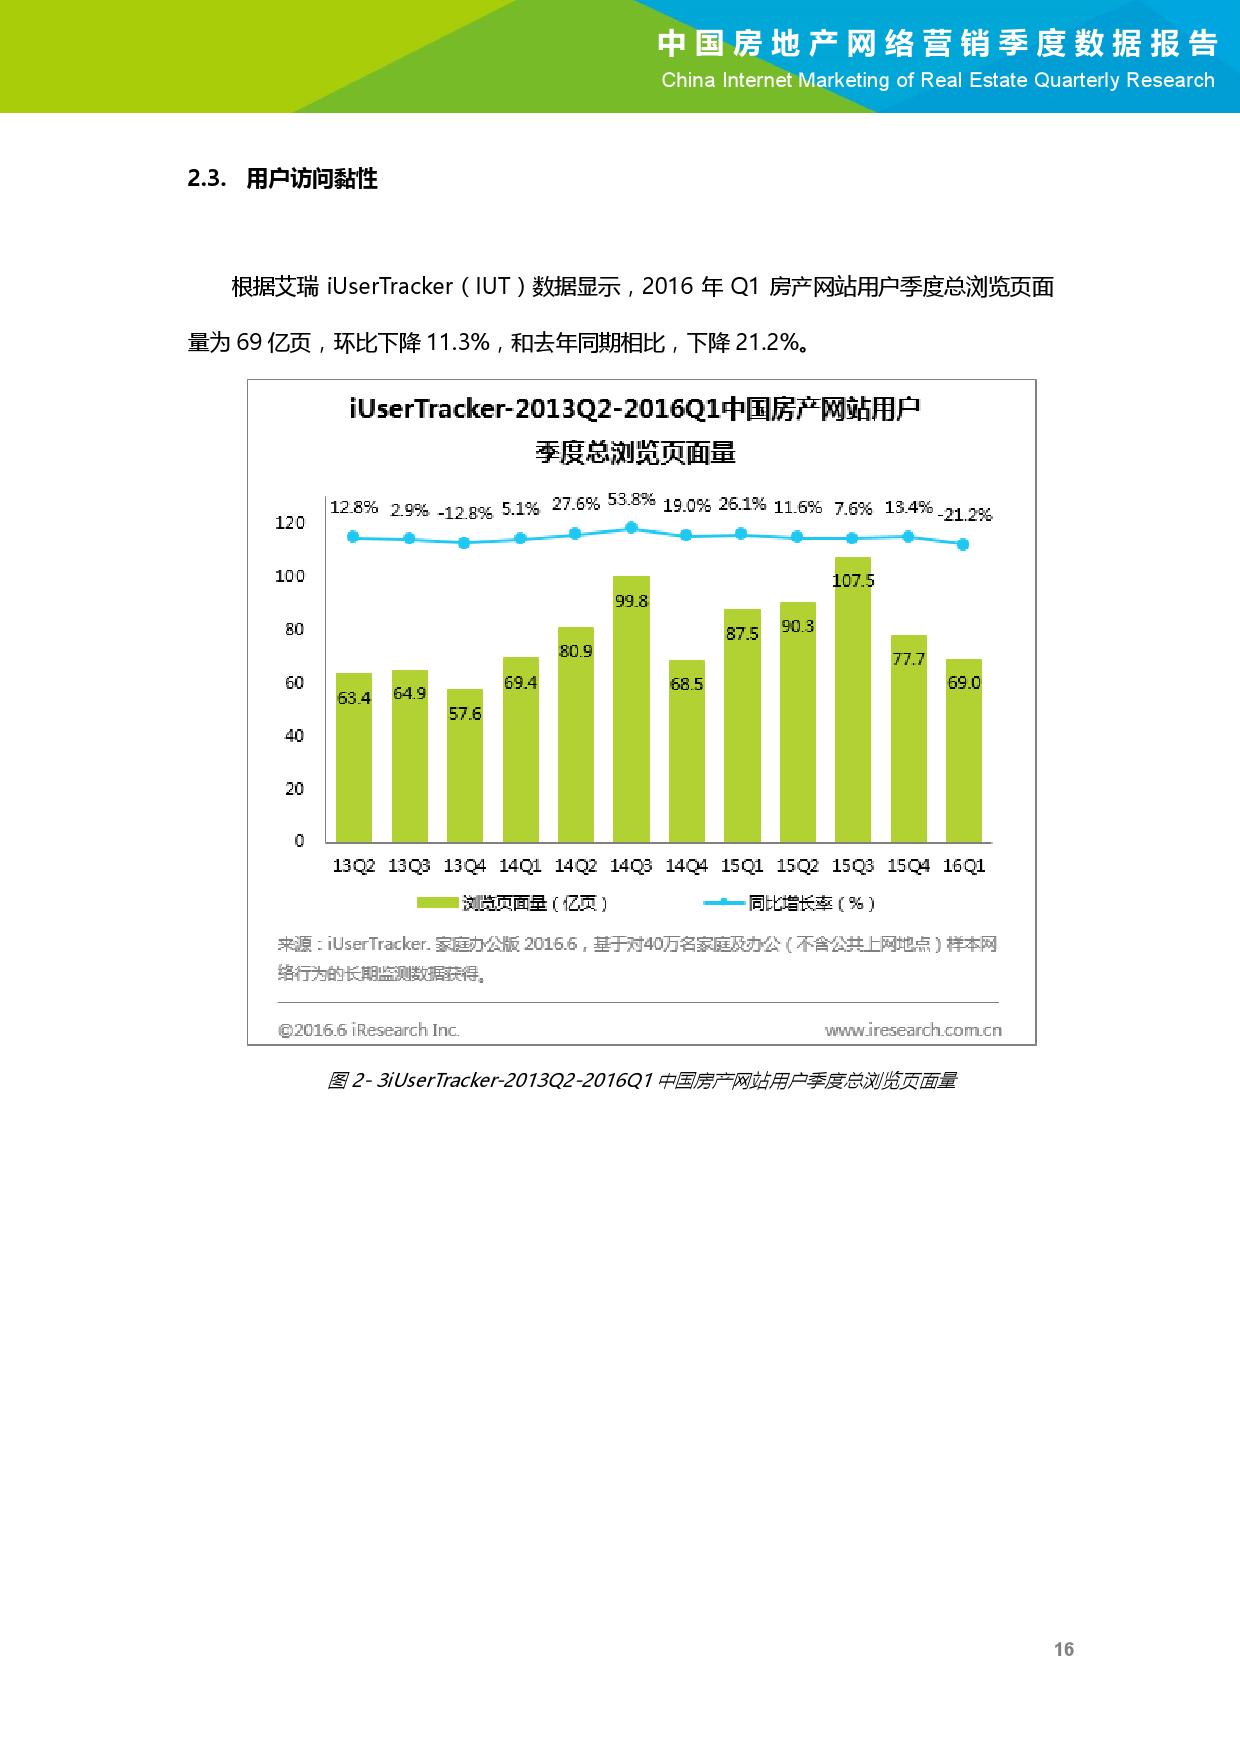 2016年Q1中国房地产网络营销季度数据报告_000017